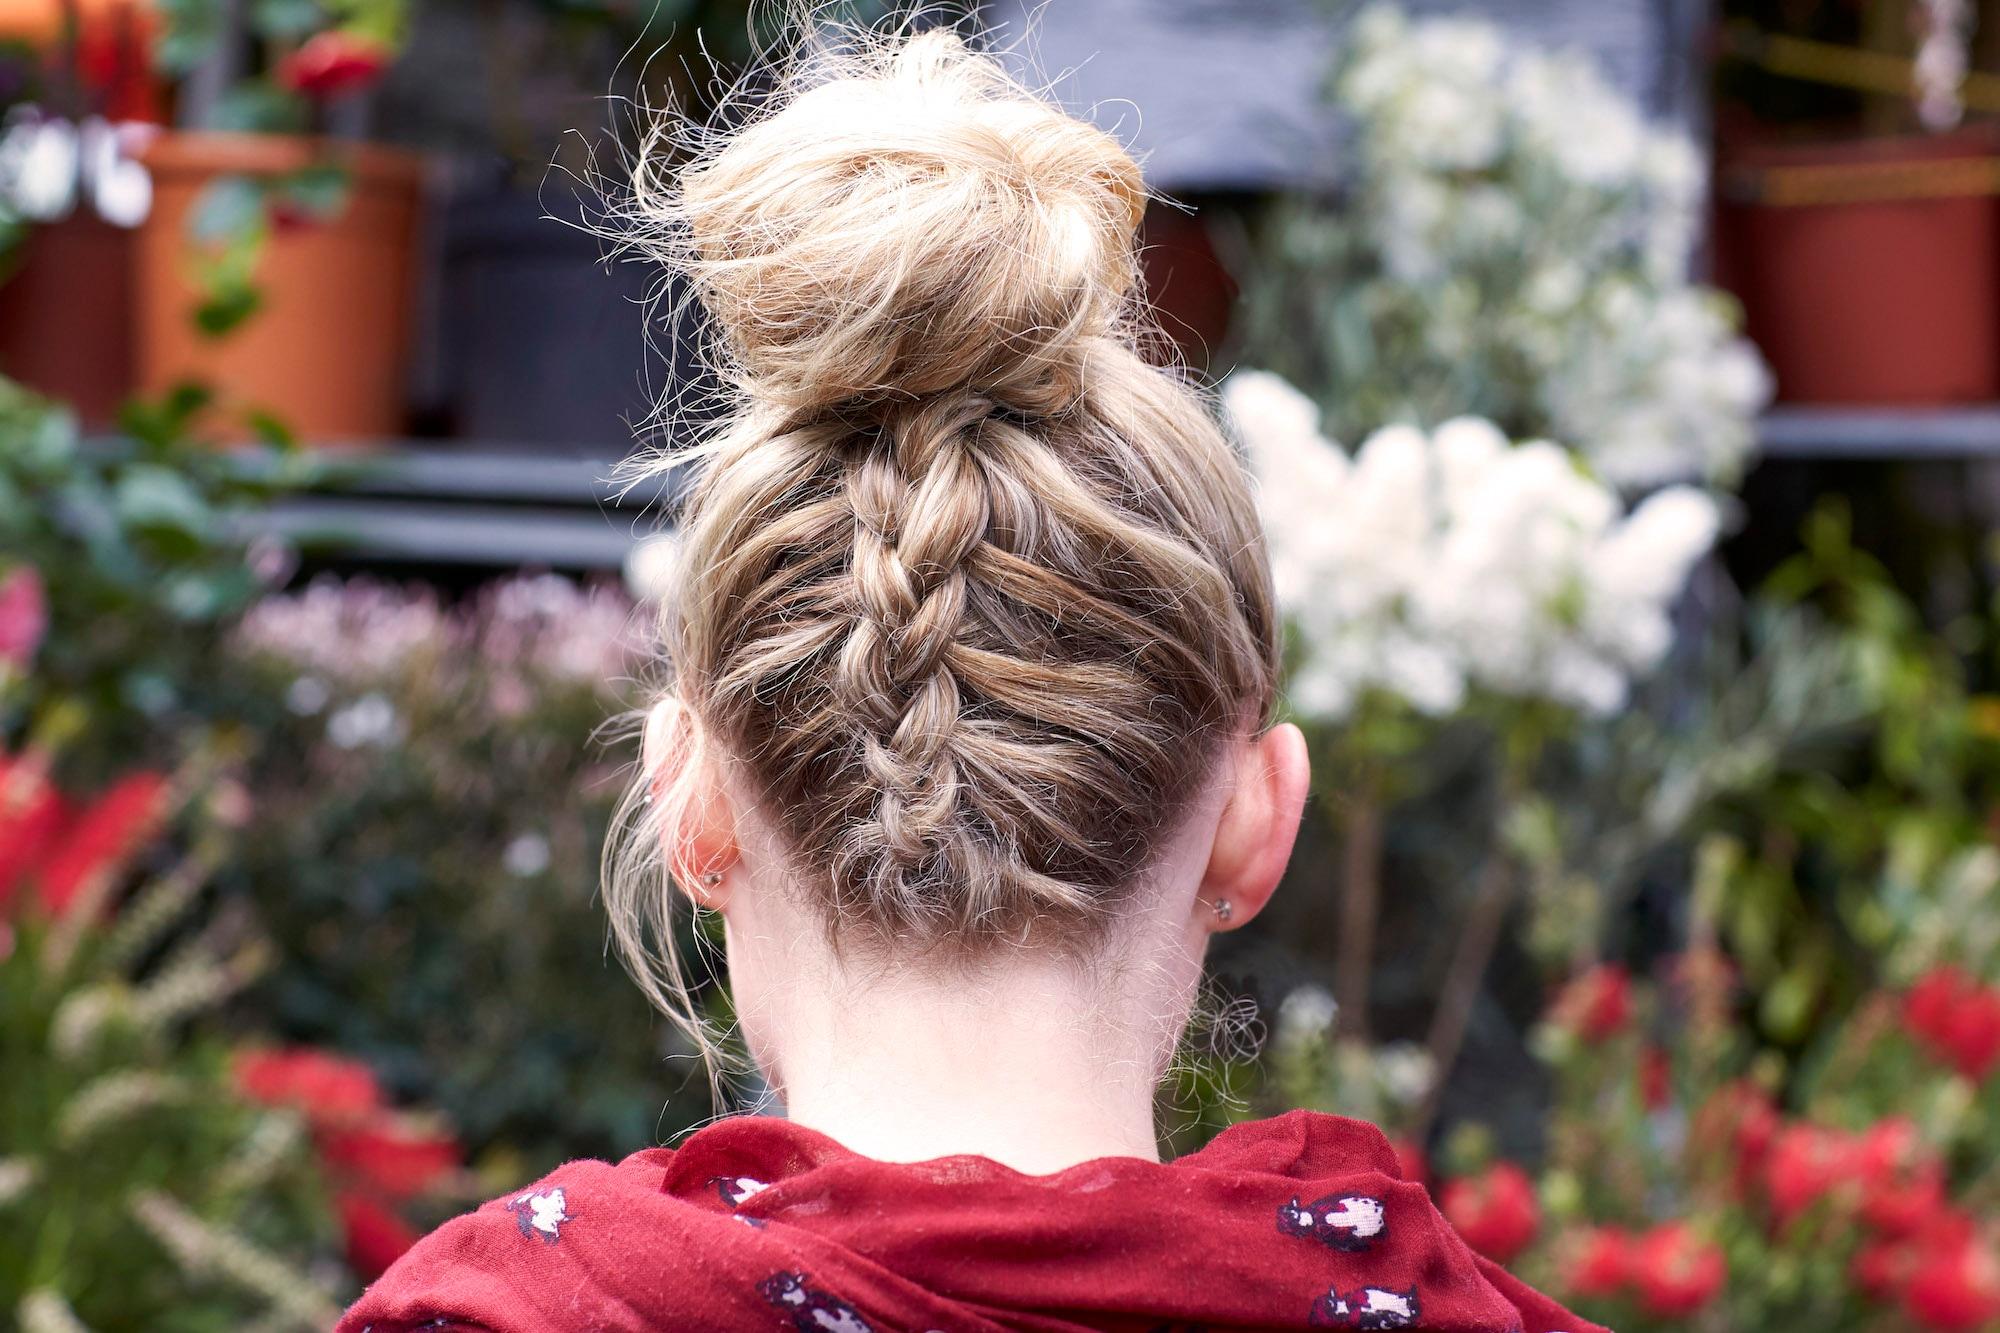 Kepang rambut terbalik atau upside down braid.